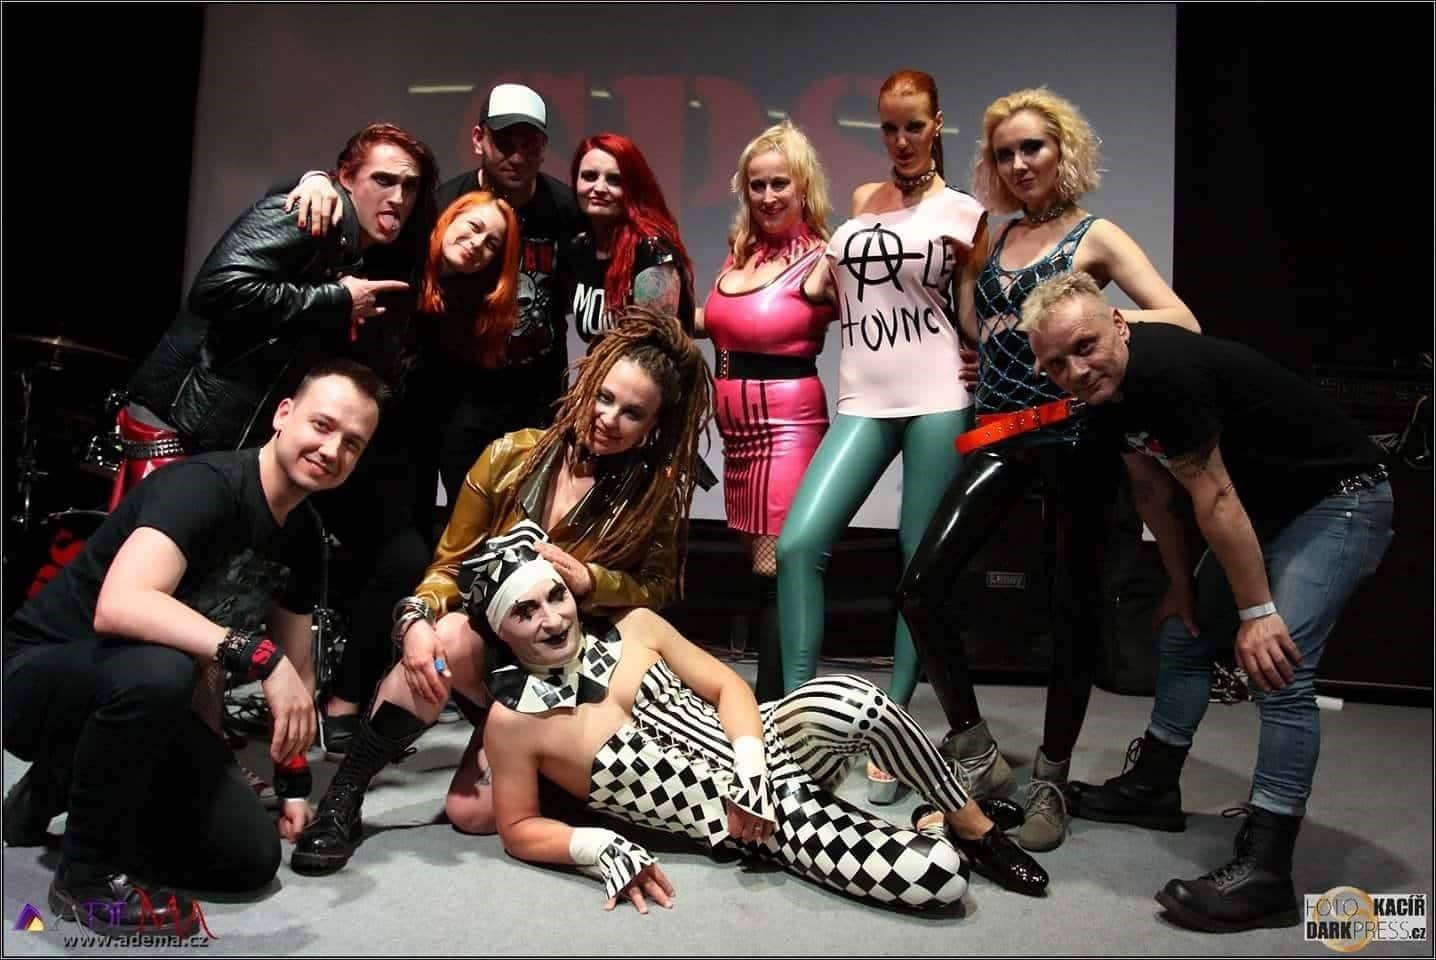 Erotický náboj mohou mít i modely ve stylu punk –  ROZHOVOR s latexovou návrhářkou Ademou